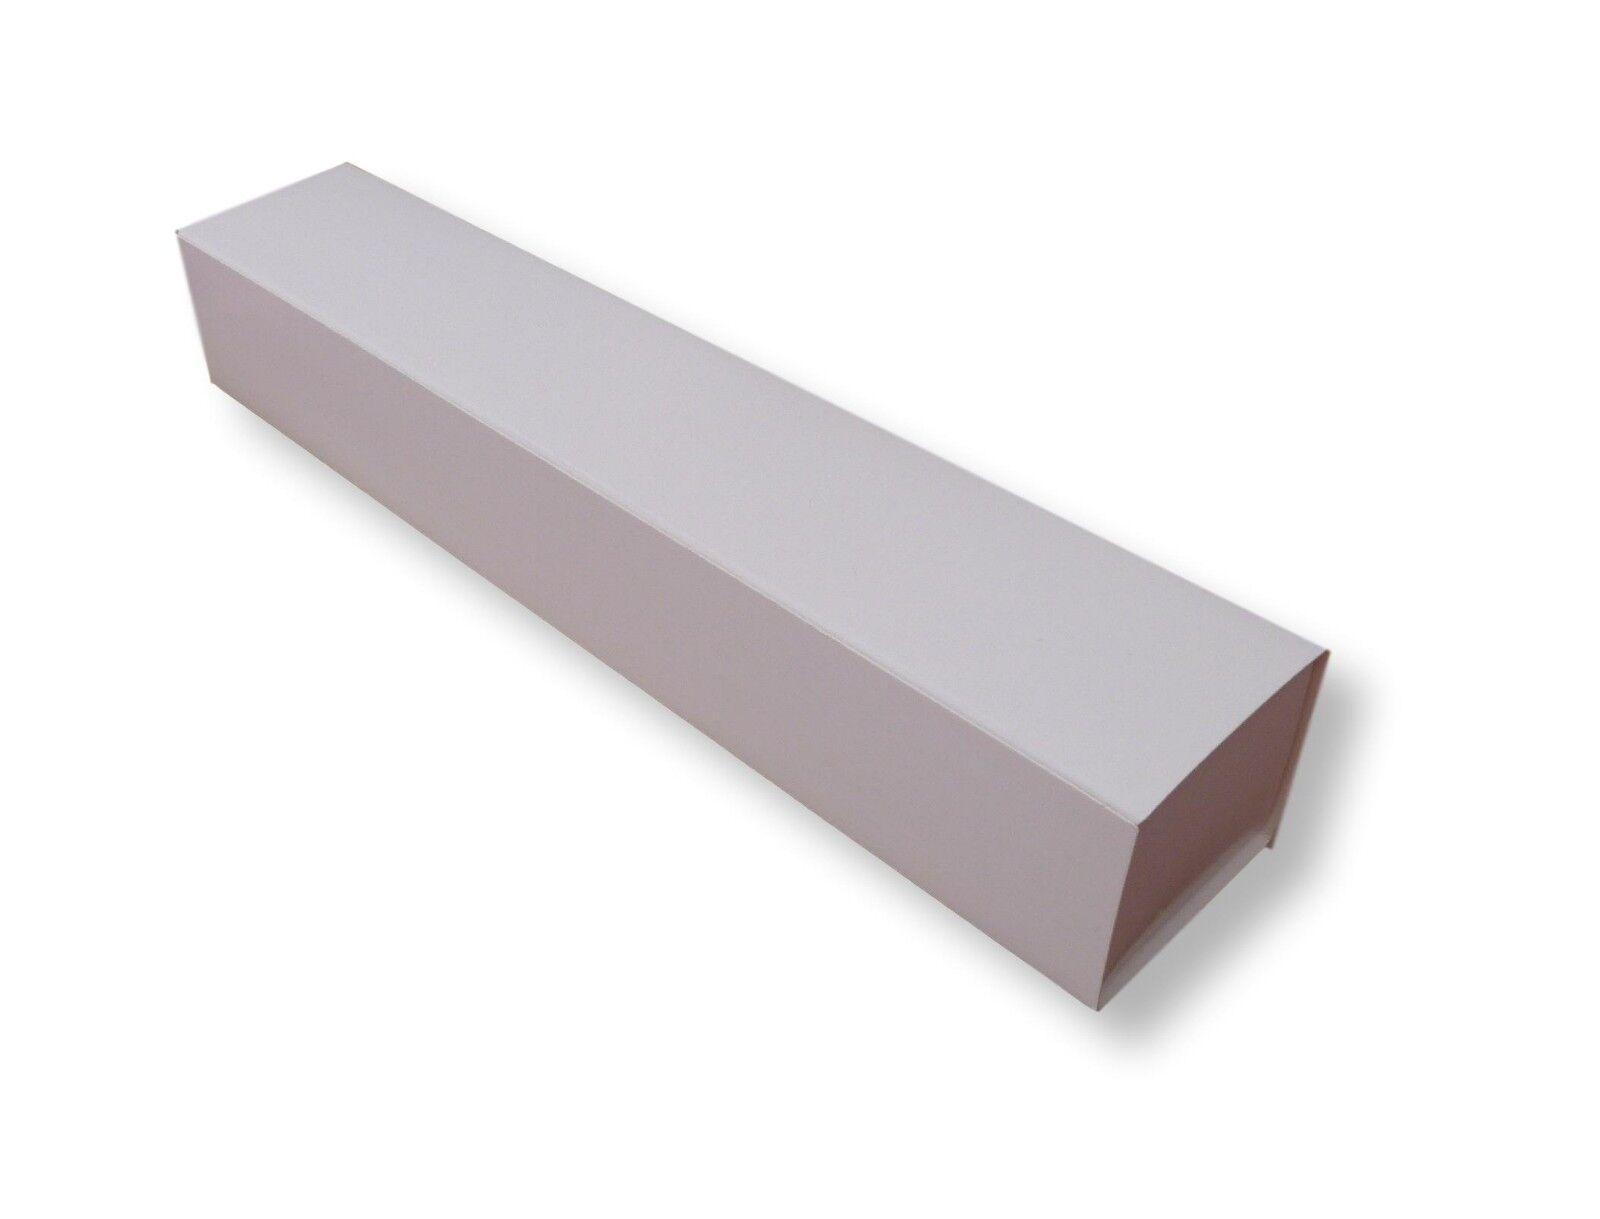 1 blanco grande caja de desplazamiento muestra Bodas, Graduación, Velas, Regalos Etc.